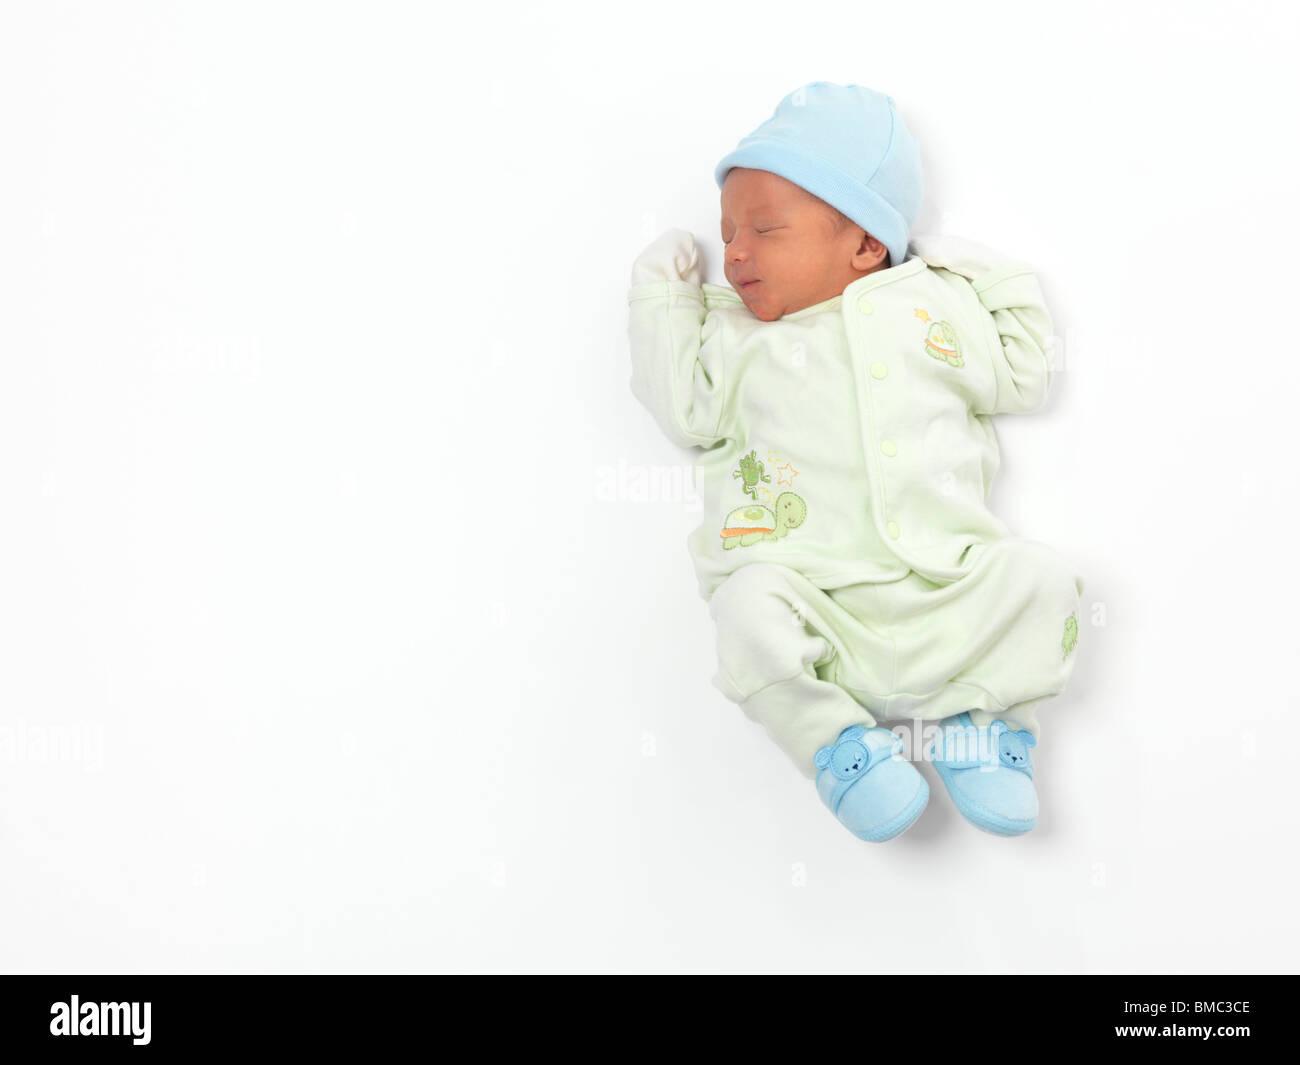 Neonato bambino addormentato isolati su sfondo bianco Immagini Stock